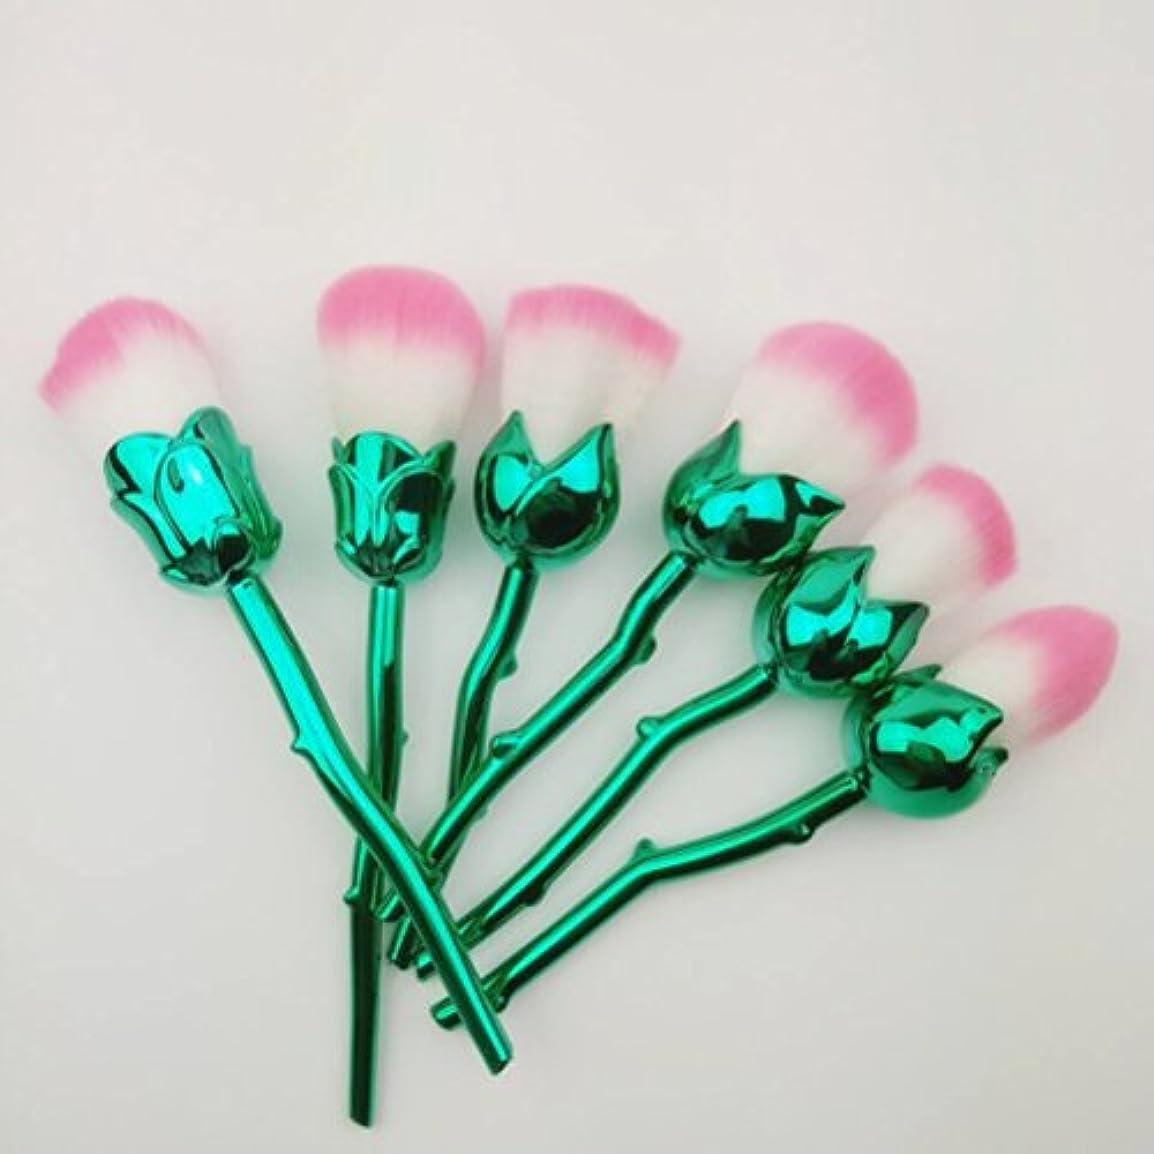 ブランクに応じてシャッフルディラビューティー(Dilla Beauty) メイクブラシ 薔薇 メイクブラシセット 人気 ファンデーションブラシ 化粧筆 可愛い 化粧ブラシ セット パウダーブラシ フェイスブラシ ローズ メイクブラシ 6本セット ケース付き (電気メッキ)